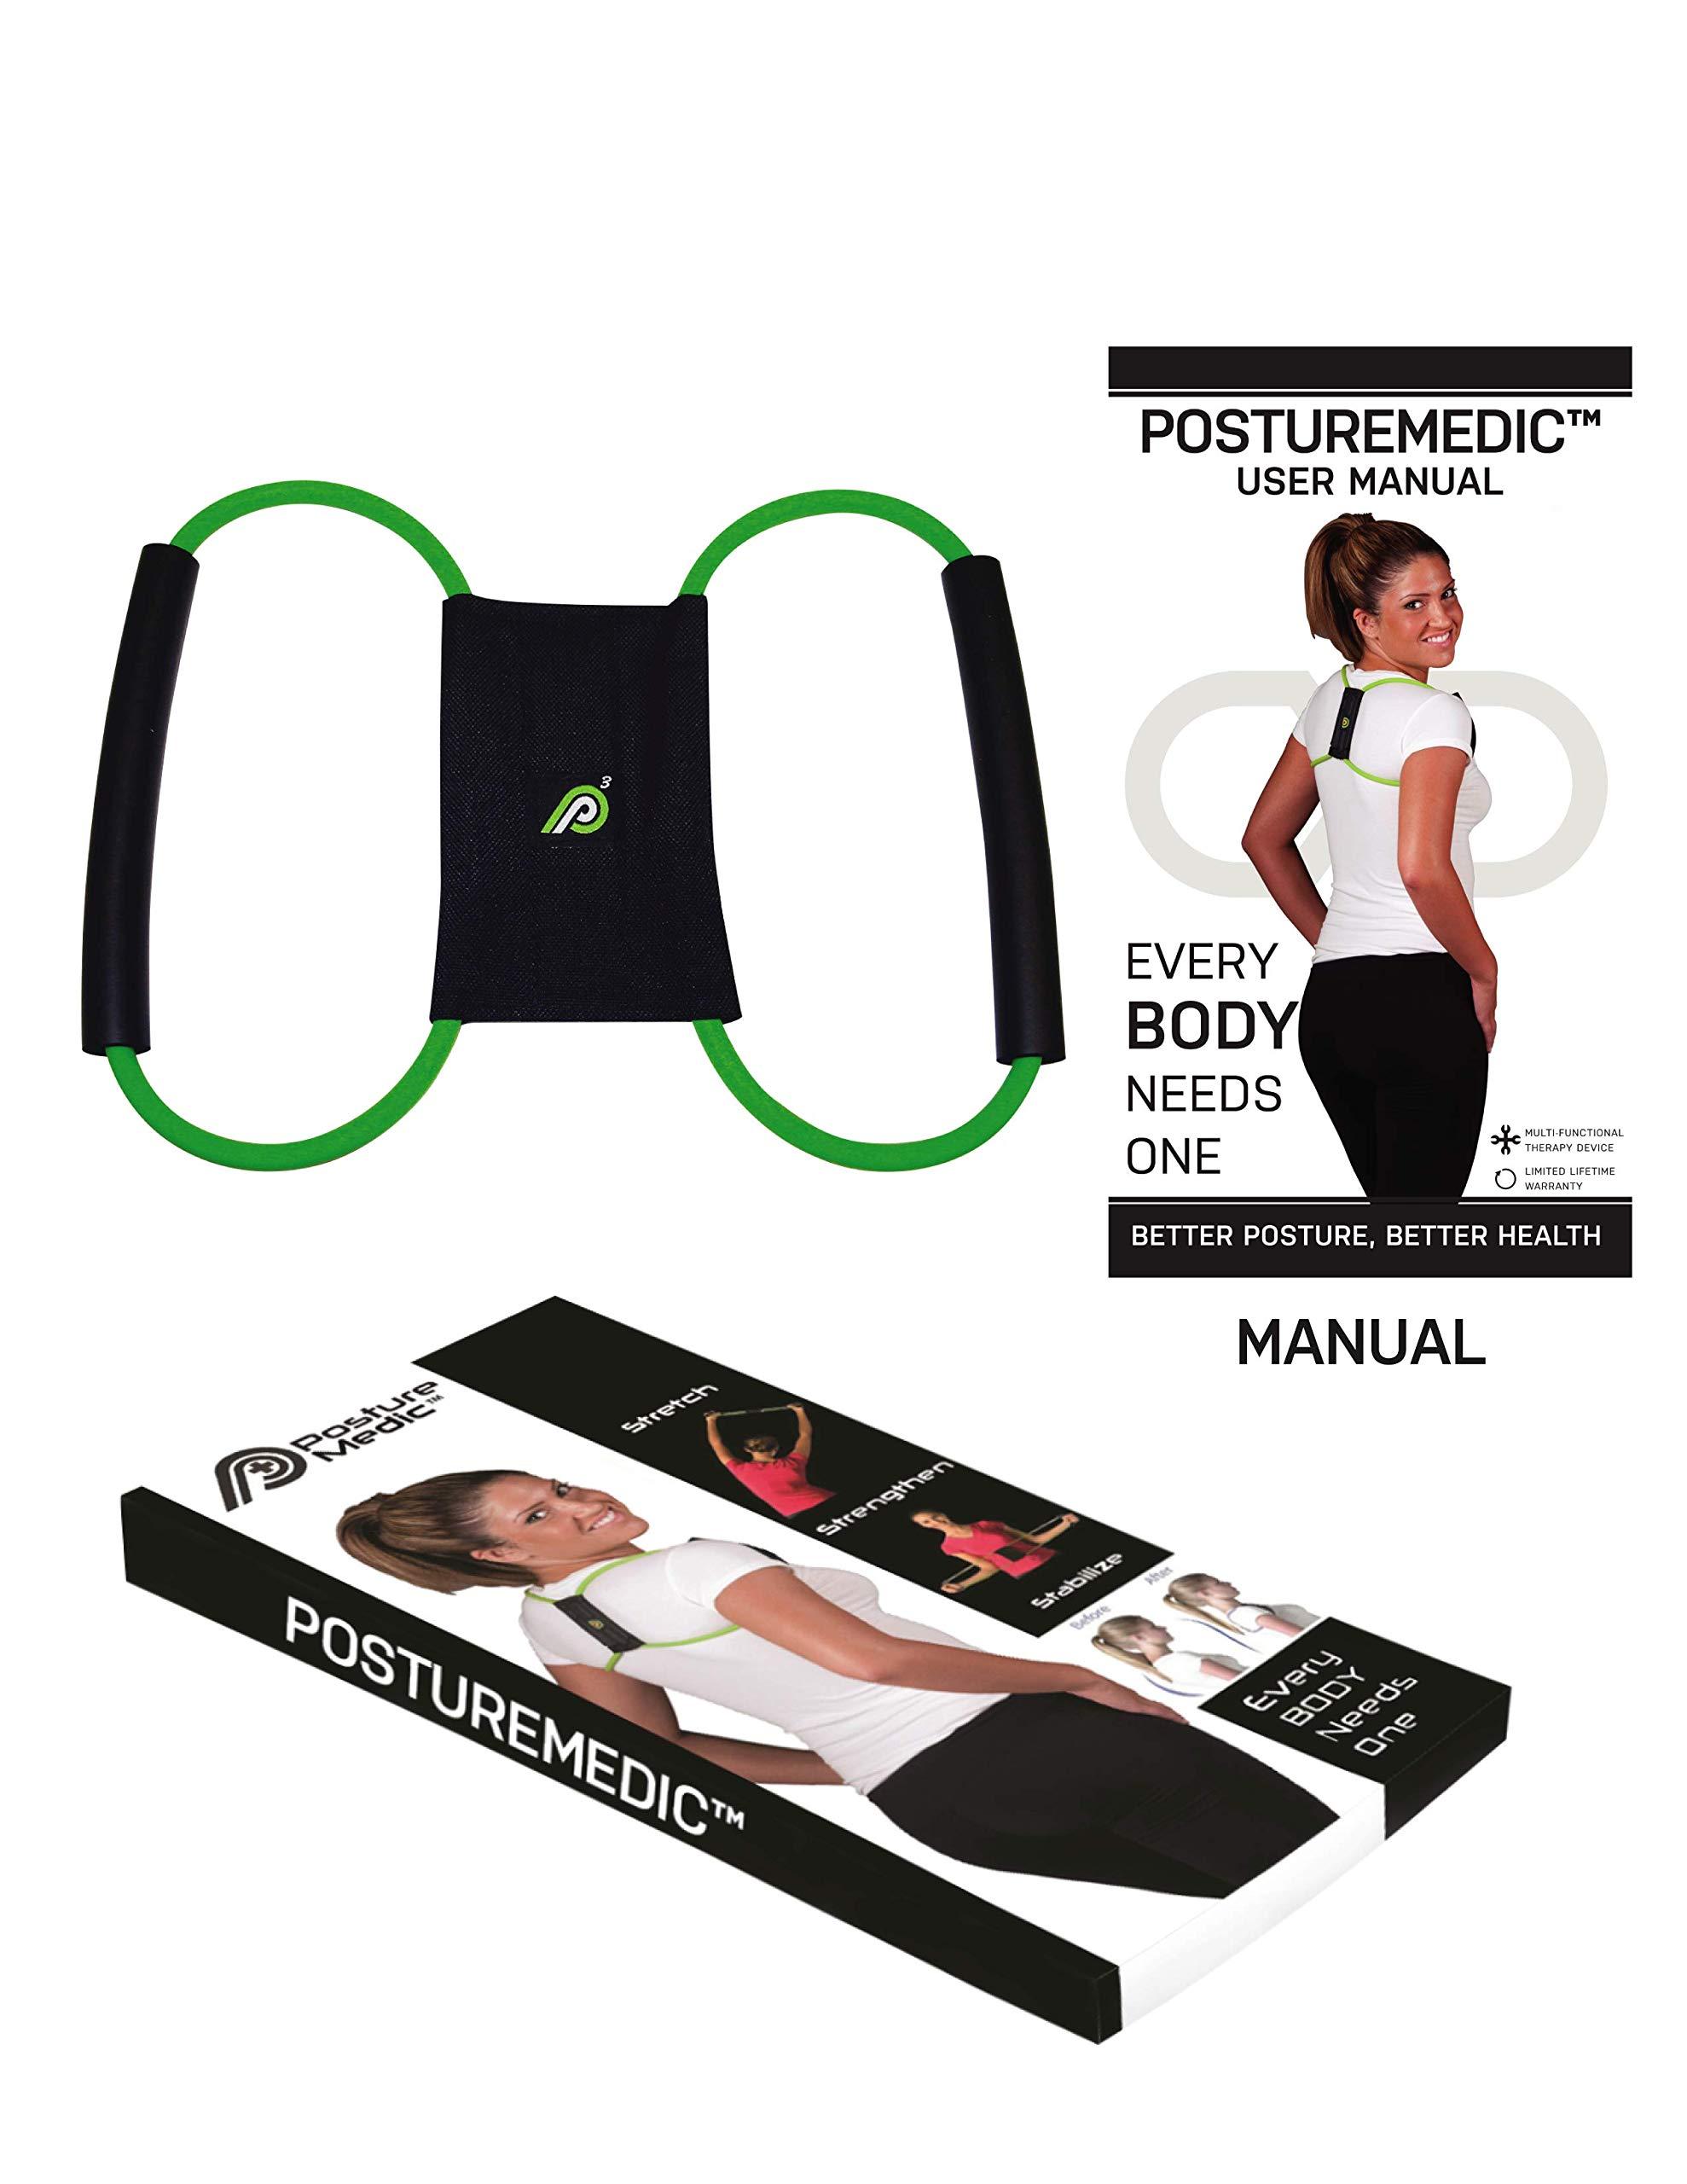 PostureMedic Original - Posture Corrector Brace - Improve Posture with Support and Exercises (Medium)